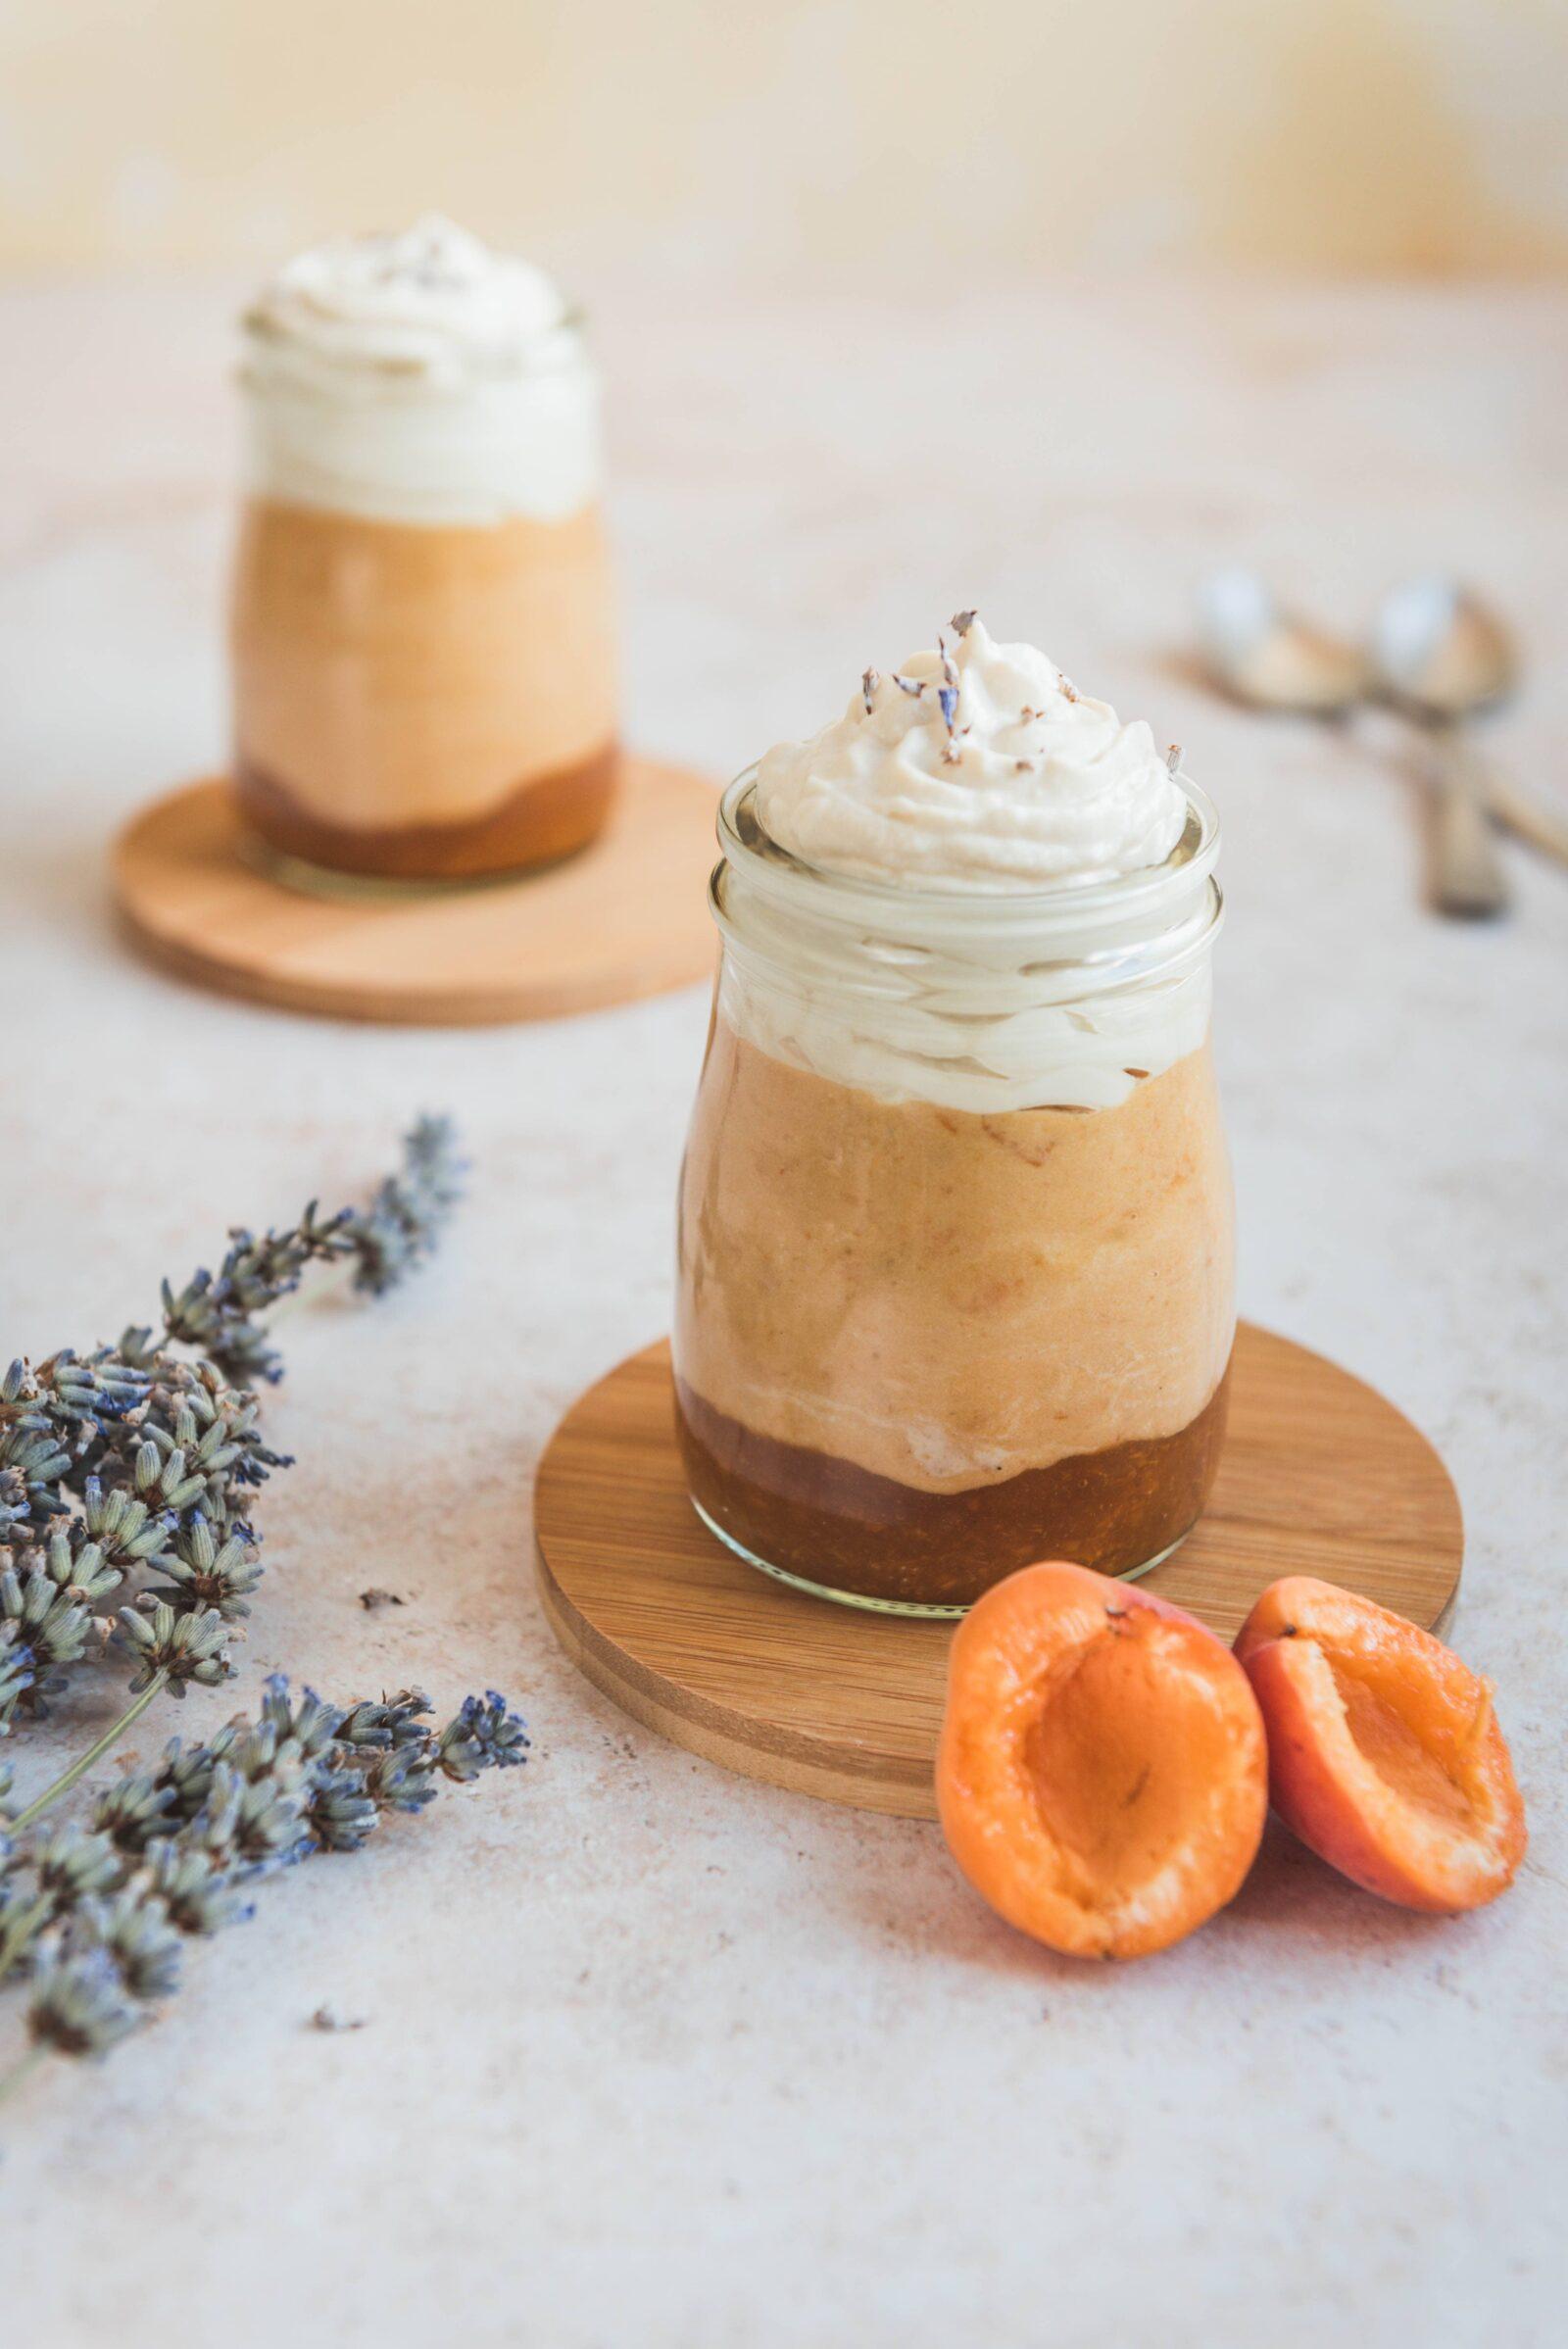 Des verrines à base d'abricots et de lavande servies avec une chantilly au mascarpone. Un dessert simple et épatant.